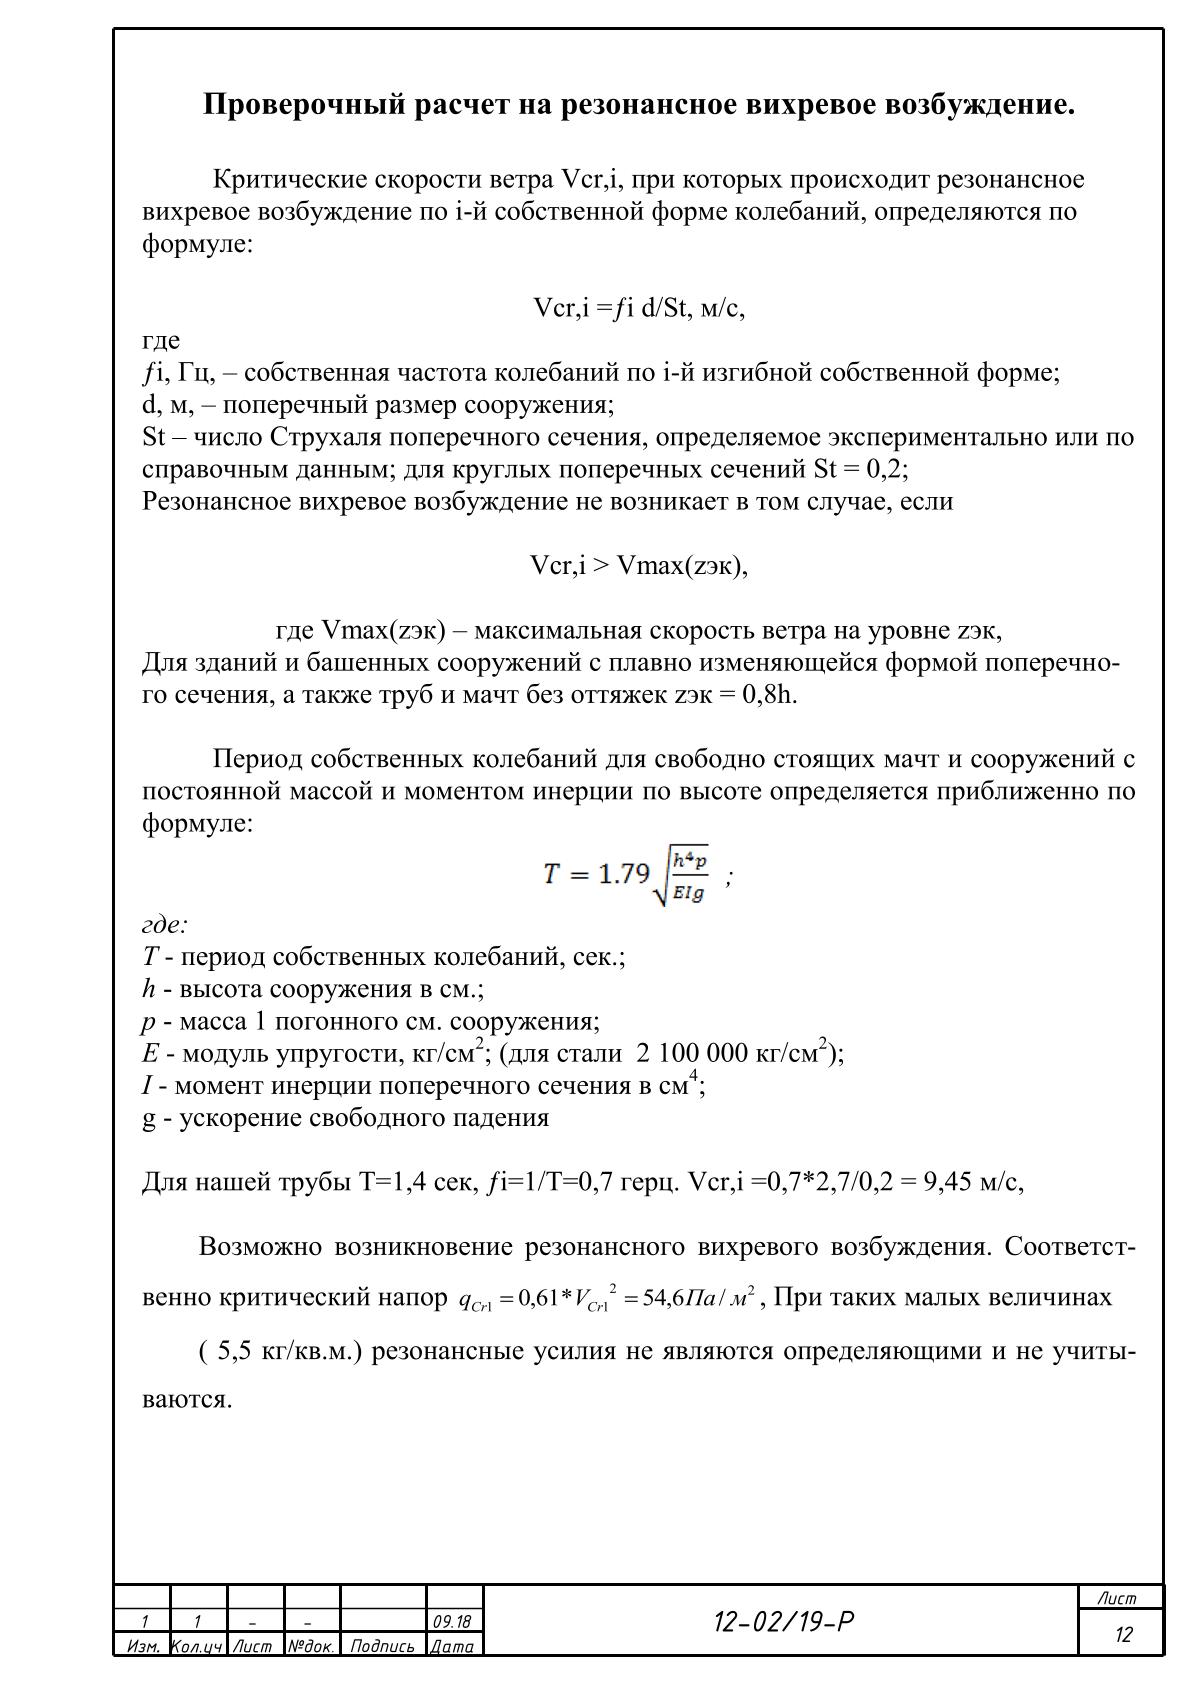 прочностной расчет (8)